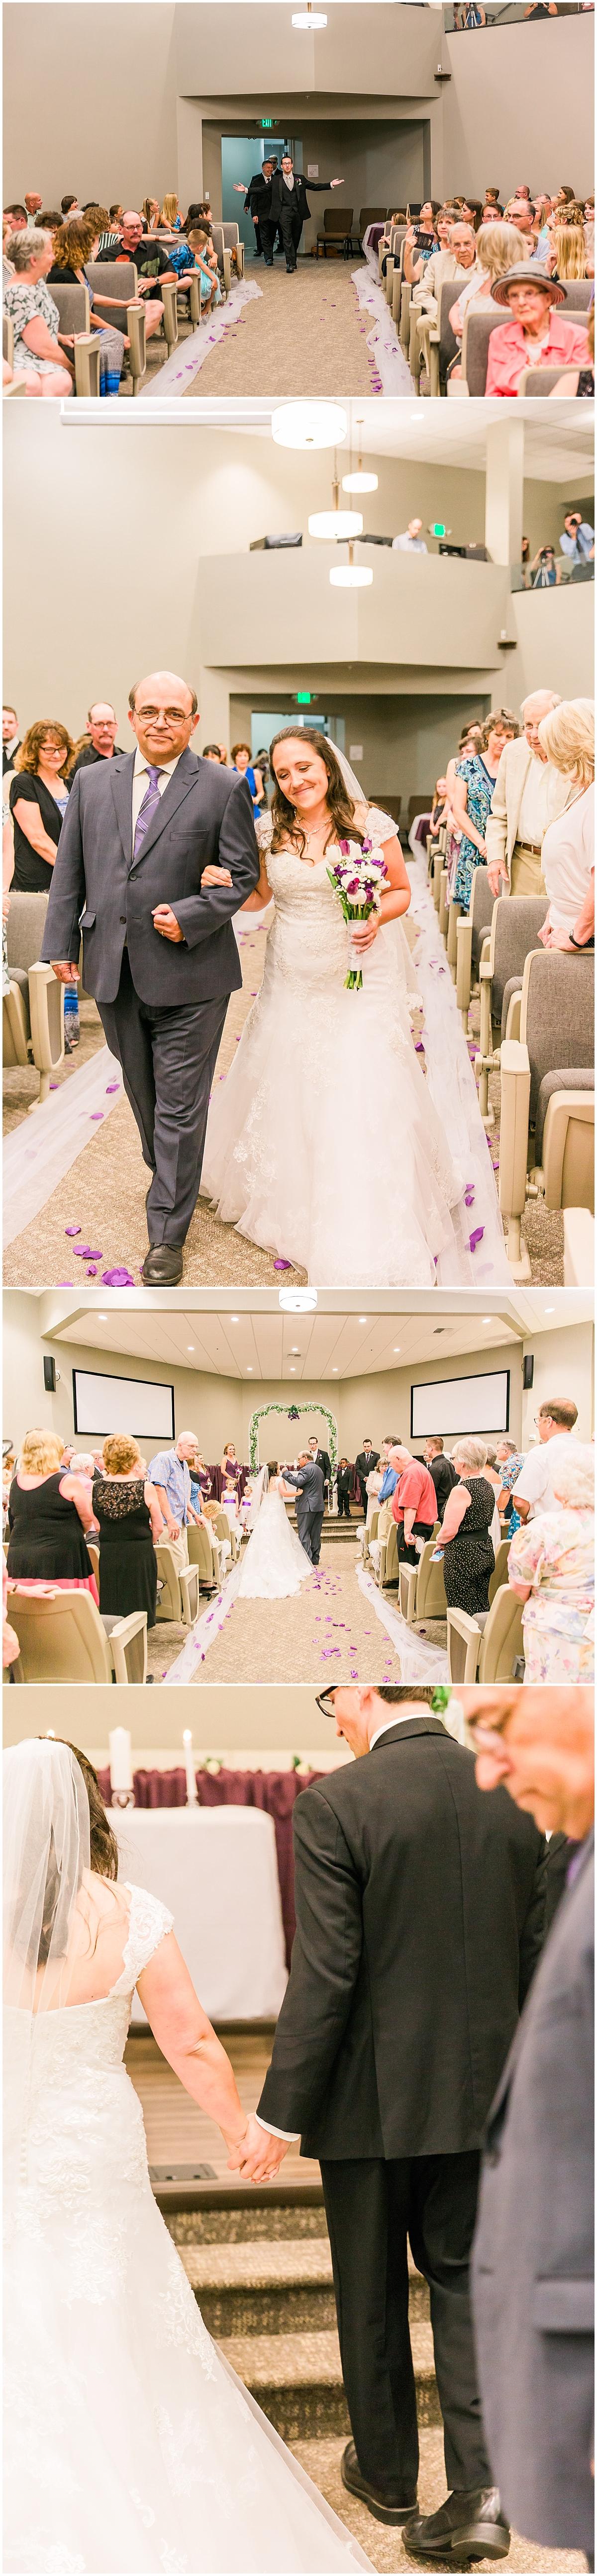 church wedding ceremony spokane